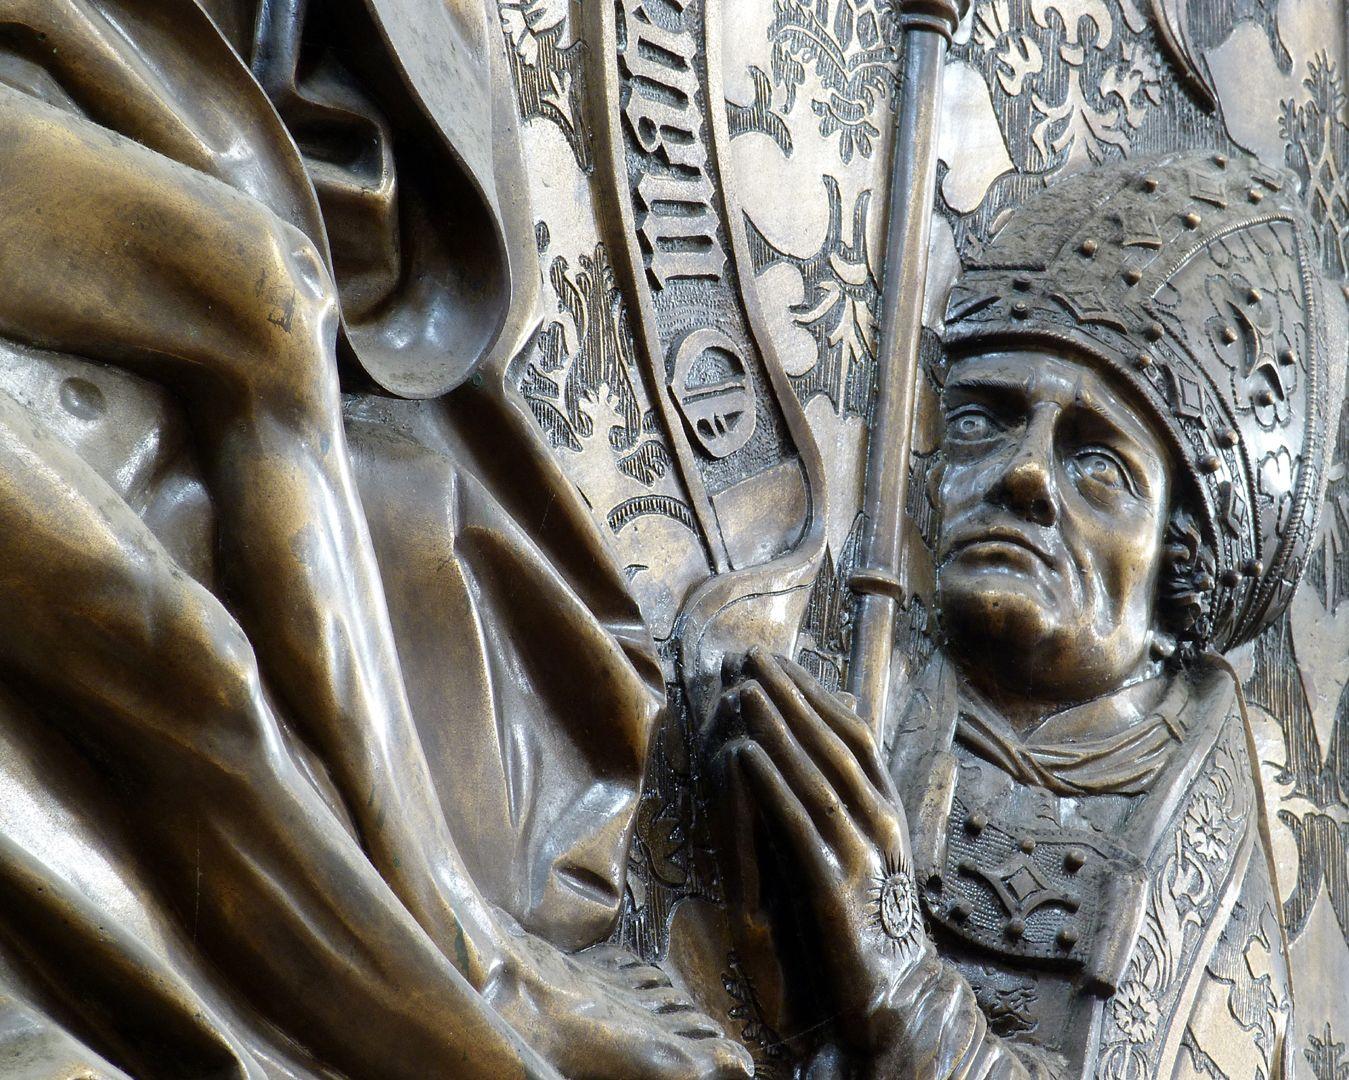 Johannes von Hürnheim und Albrecht von Rechenberg Albrecht von Rechberg, Schrägansicht, Detail